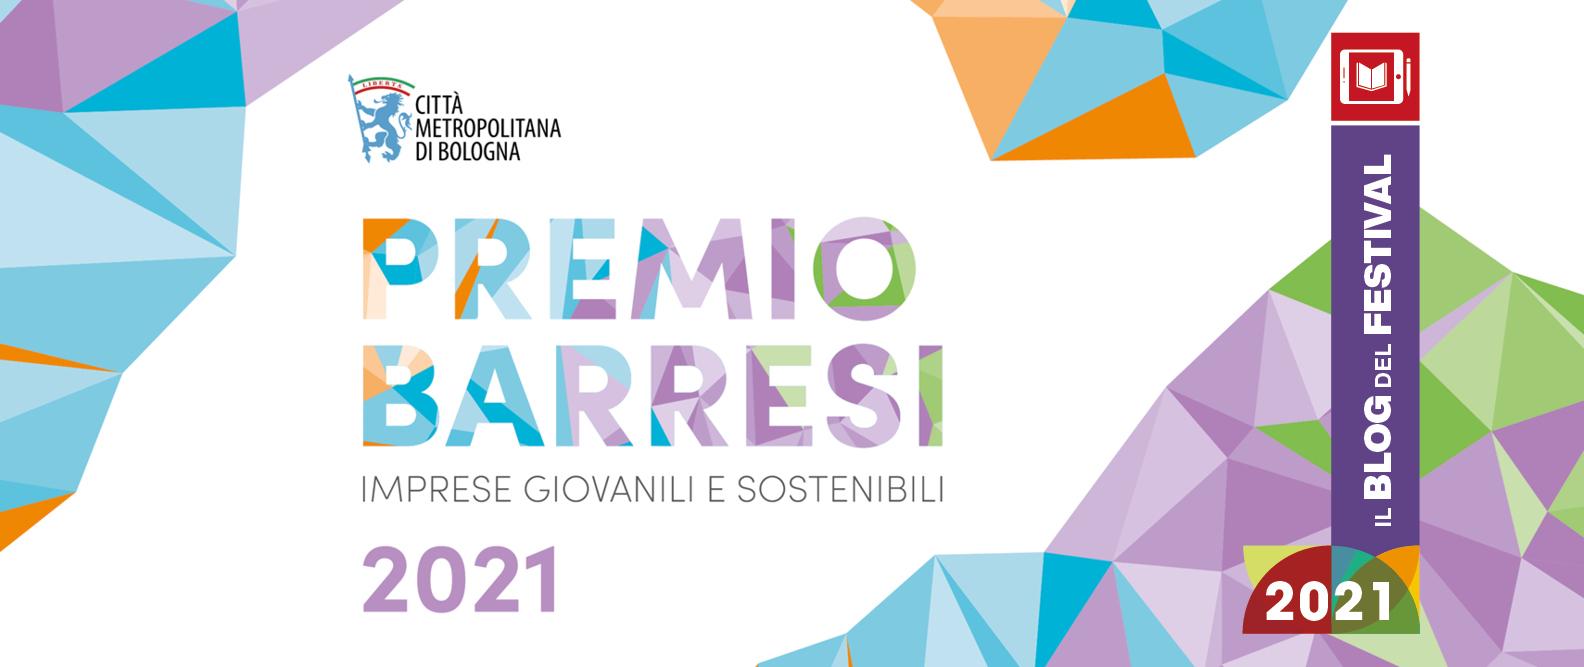 Imprese giovani e sostenibili, al via il Premio Barresi 2021